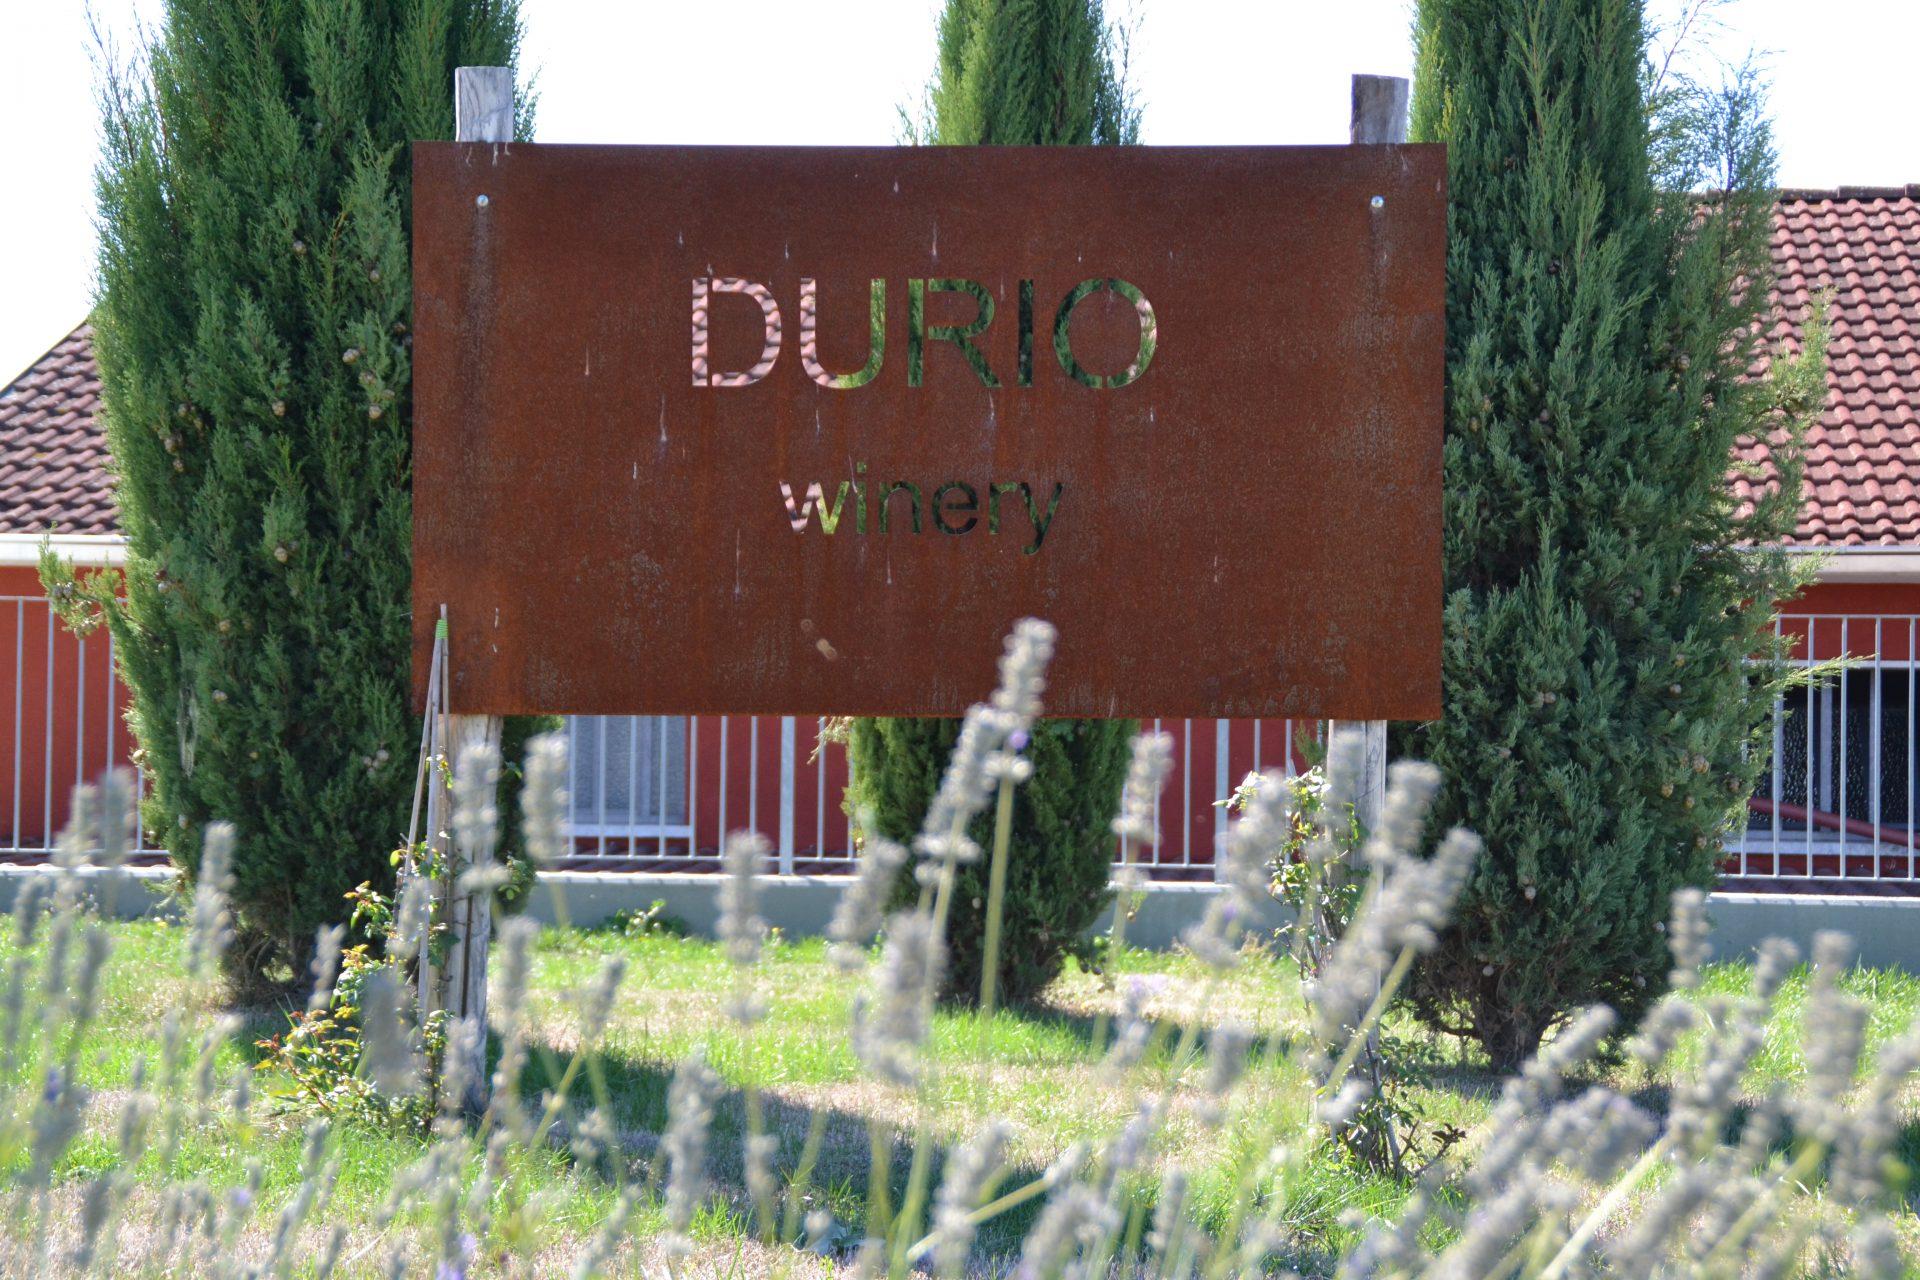 Ingang met roestig ijzeren welkomstbord bij Durio Wines in Agliano Terme